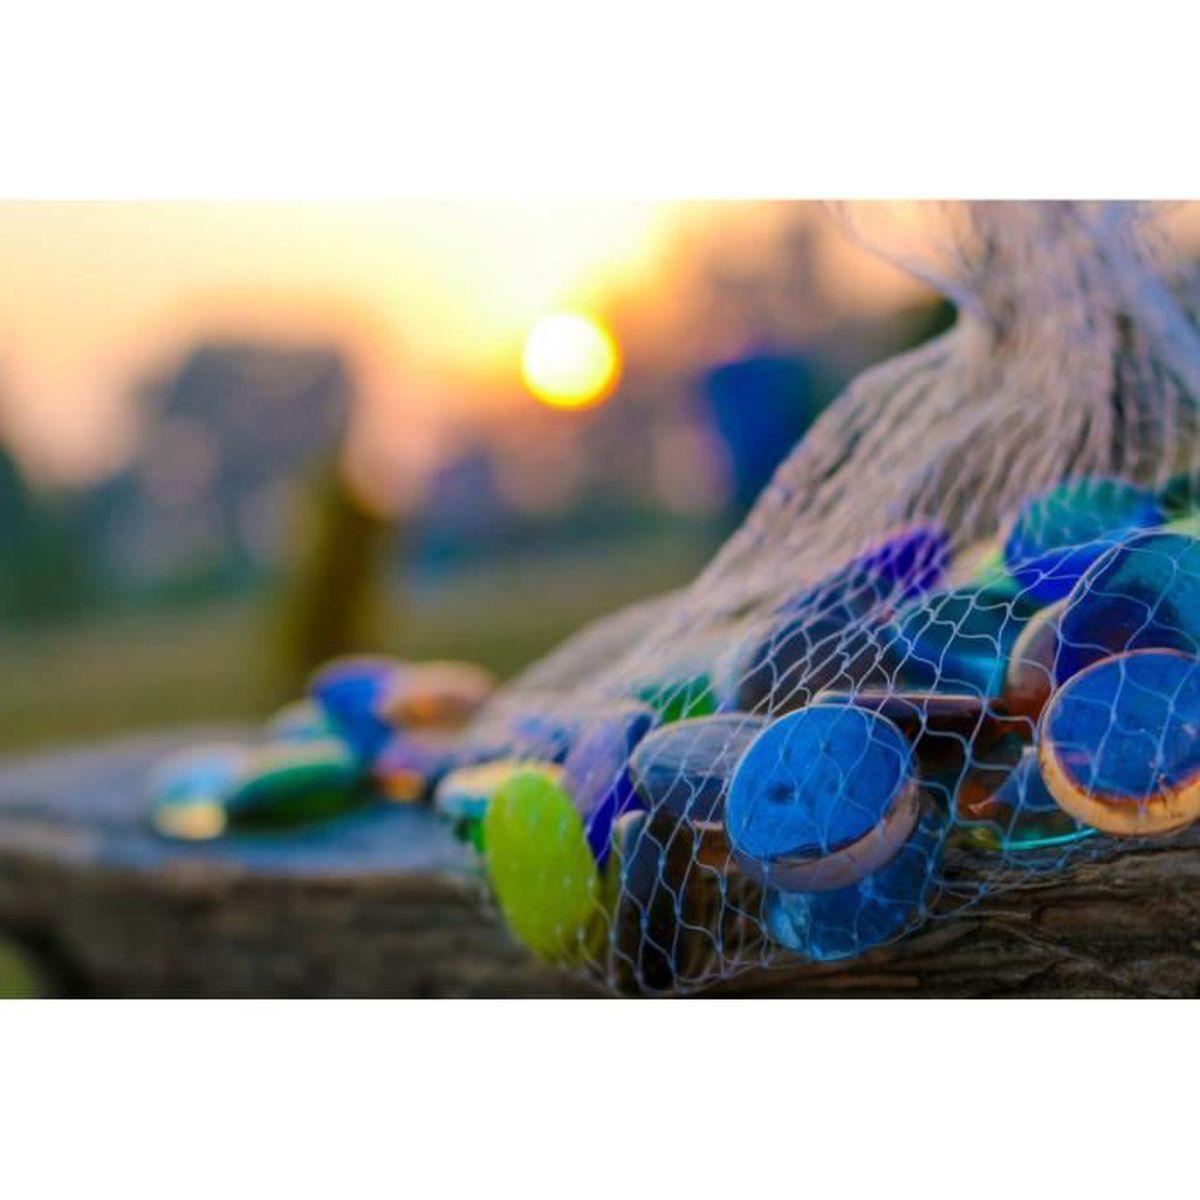 Quelle Colle Utiliser Pour Les Galets cailloux décoratifs galets en verre pierres billes pierres décoratives vase  de remplissage perles forme ronde 200pcs/1kg (mixte)